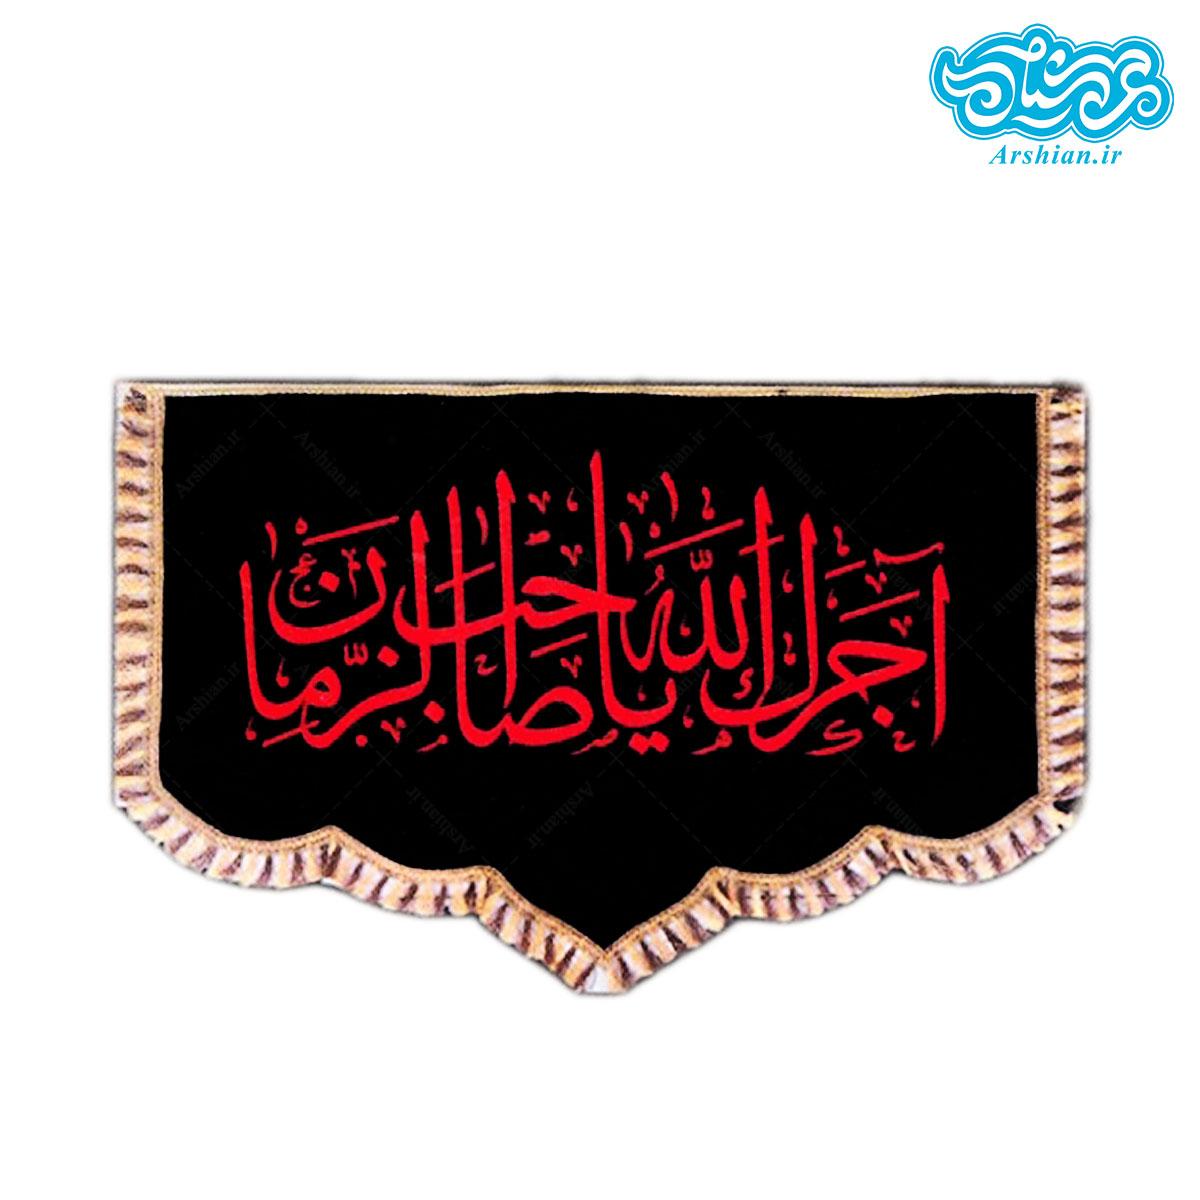 پرچم مخمل آجرک الله یاصاحب الزمان کد037